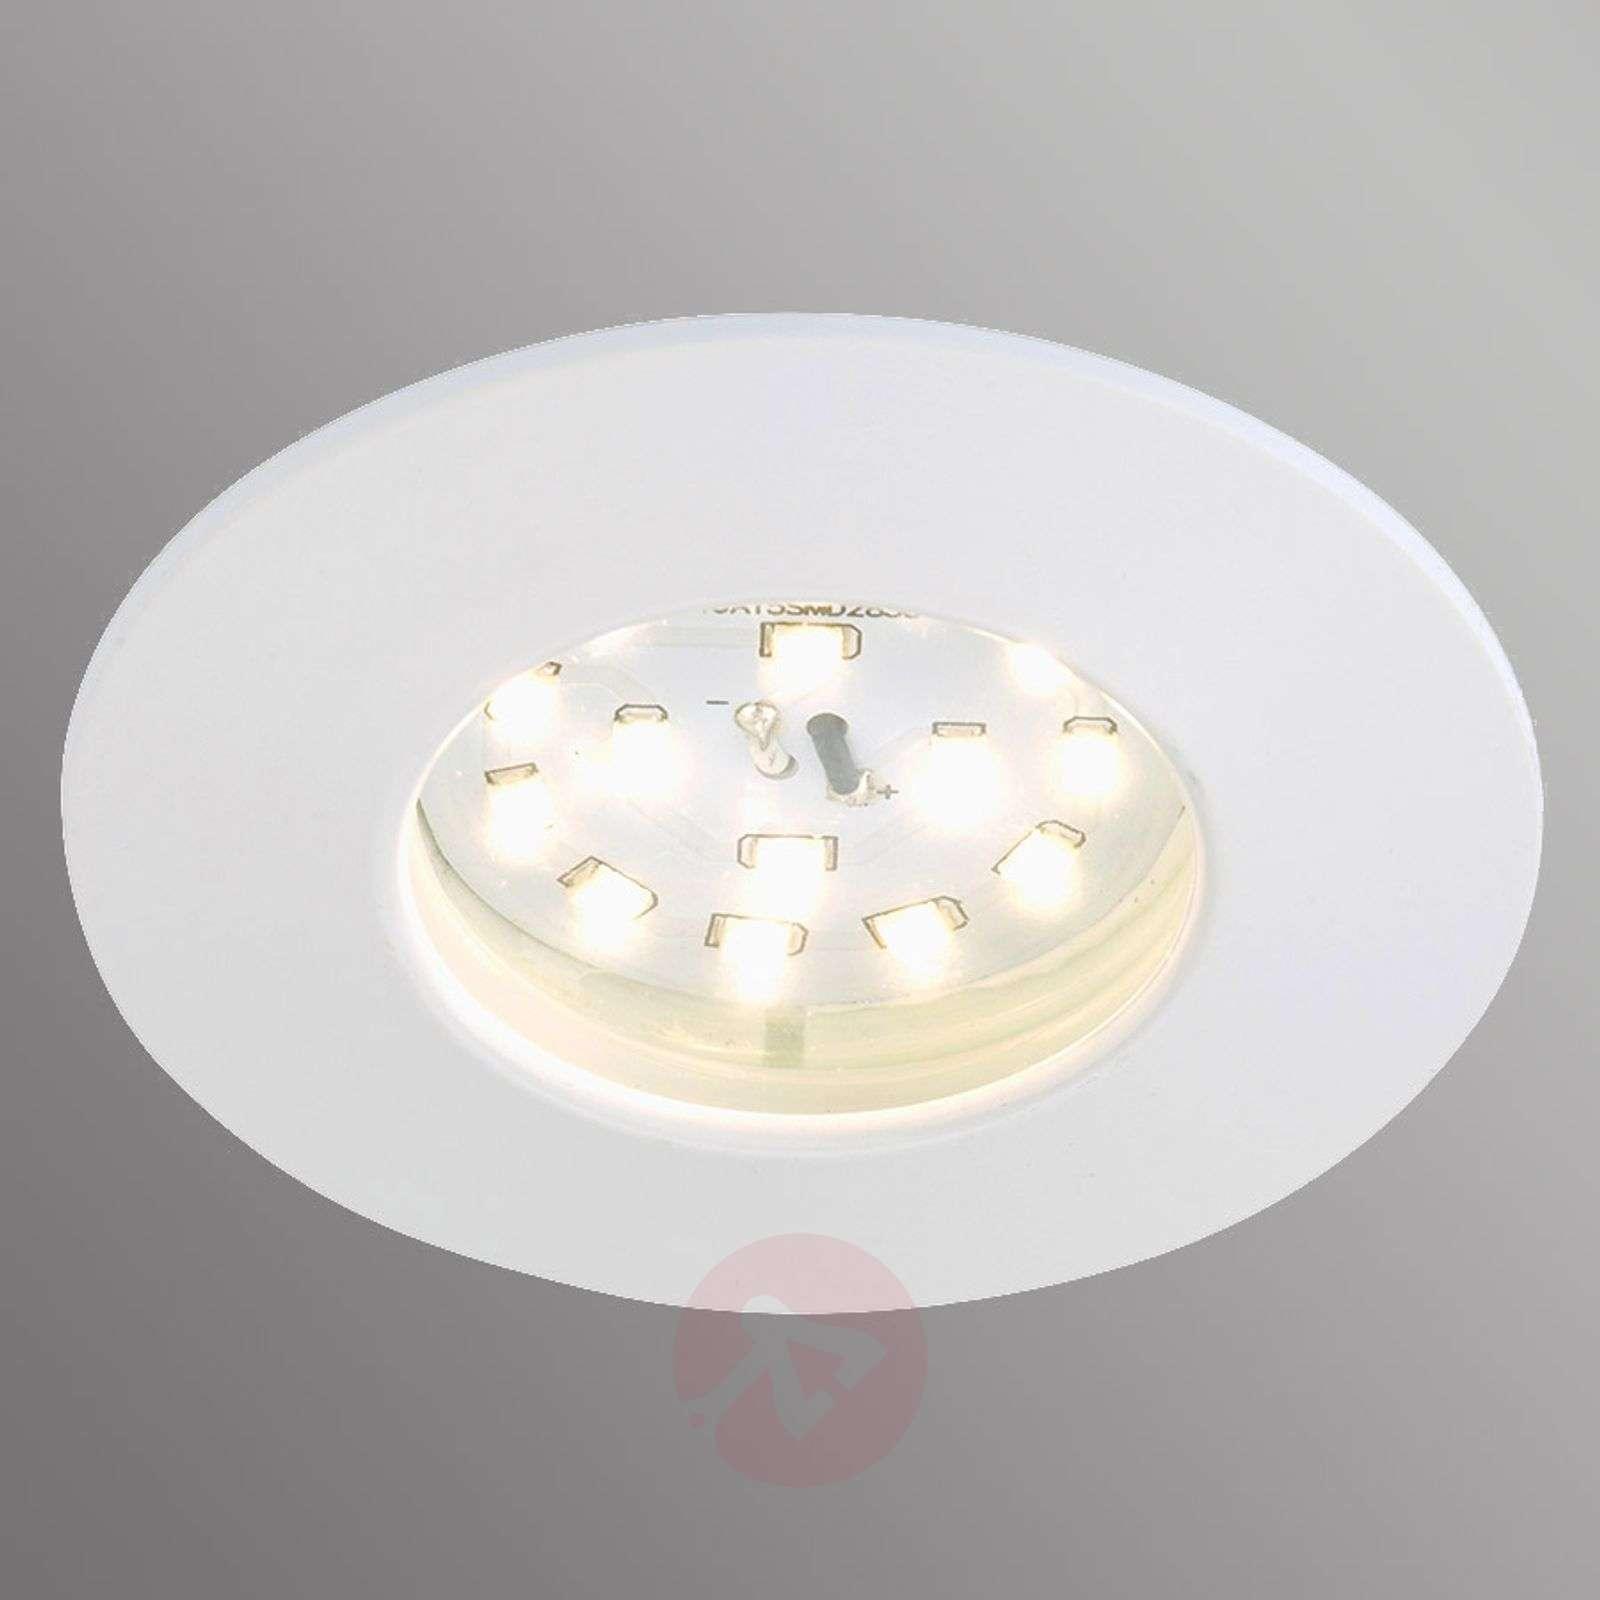 Valkoinen Felia-LED-uppovalaisin, IP44-1510319-01